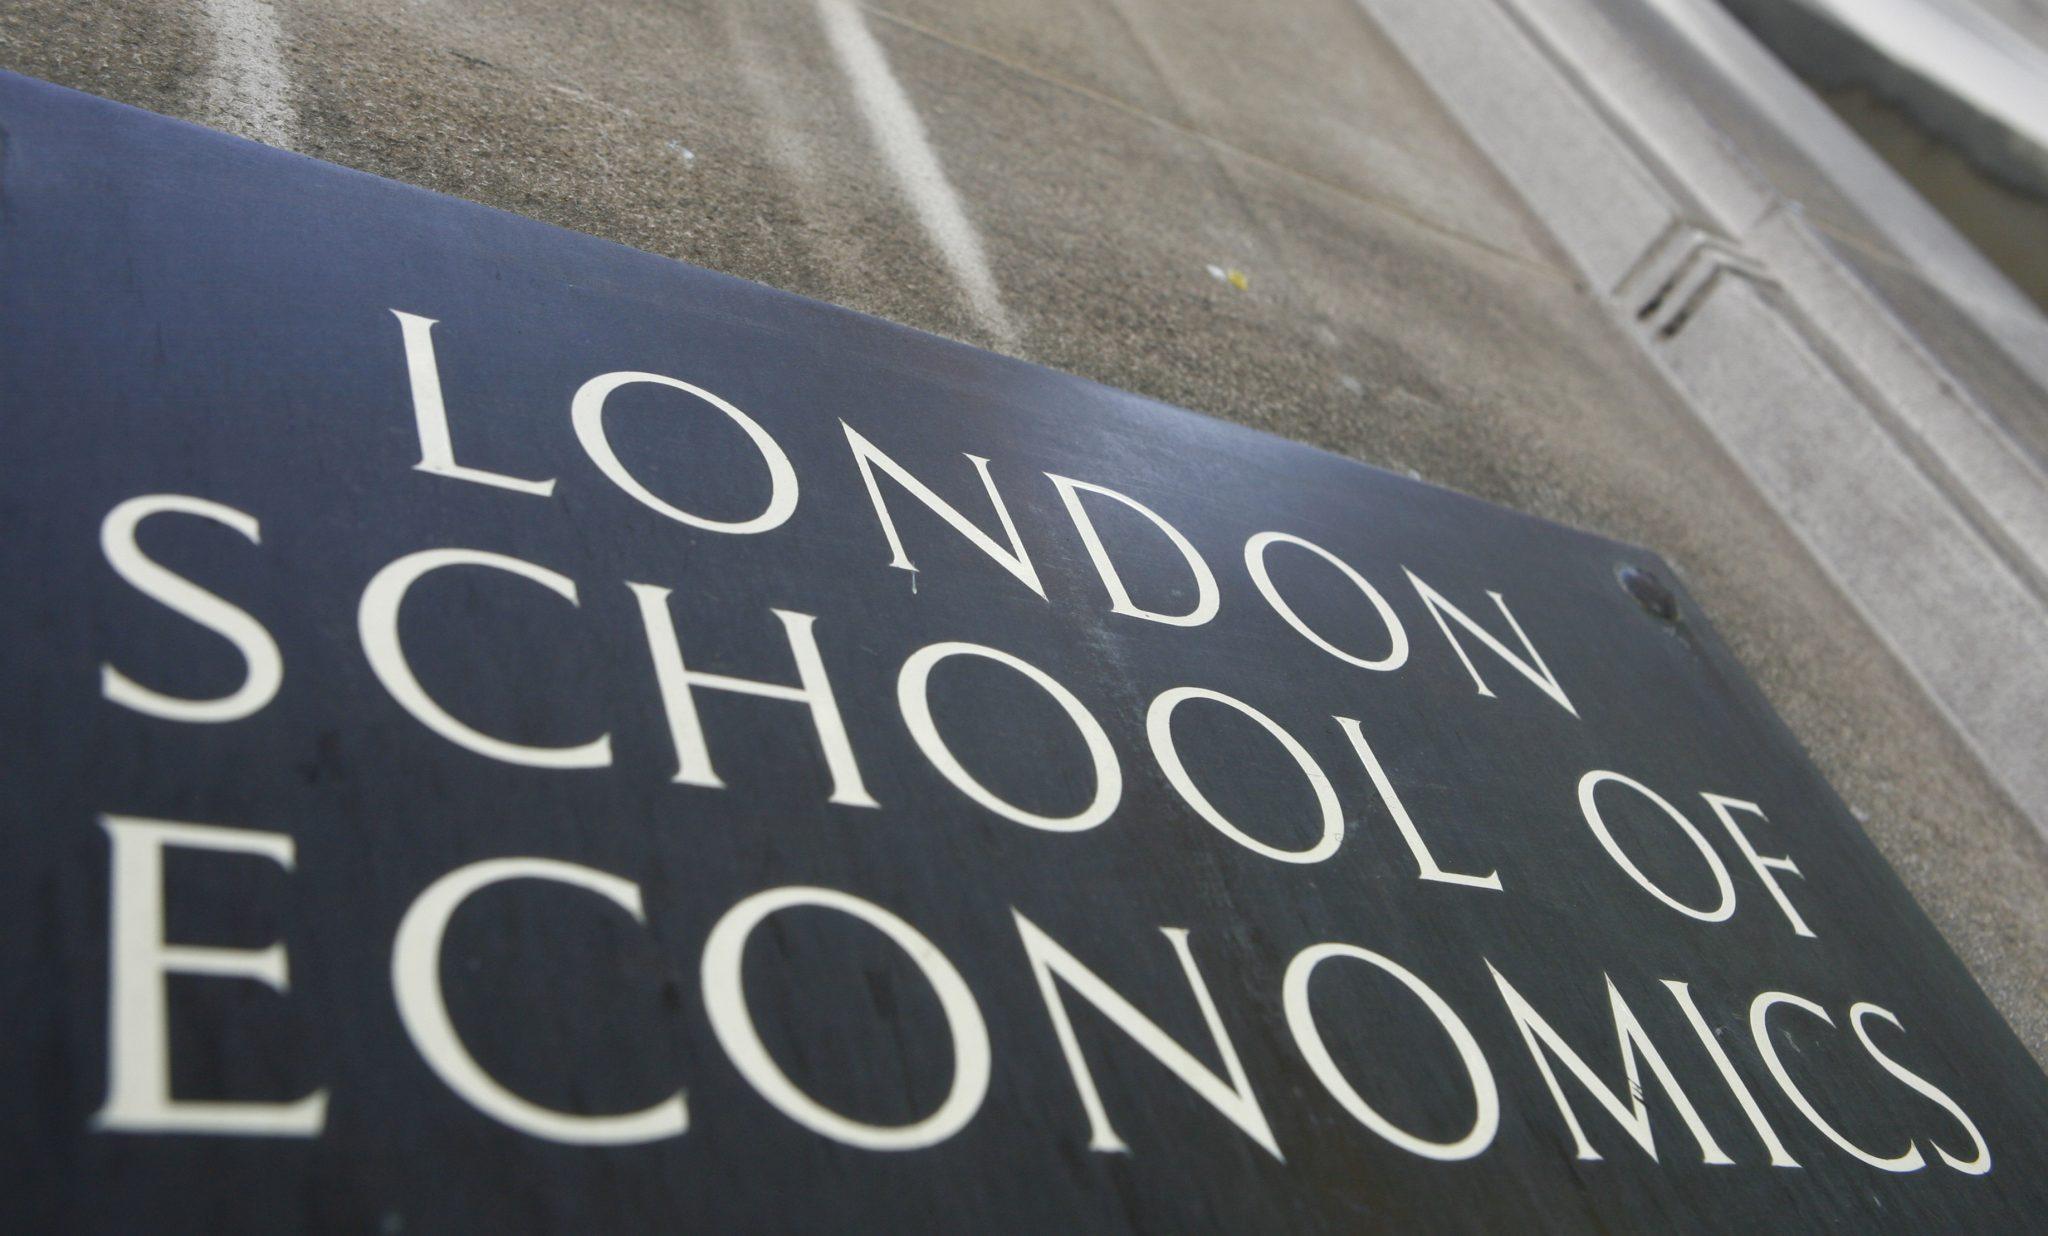 صورة لمدرسة لندن للاقتصاد - خيار ممتاز لمن يتركون المدرسة من الإمارات العربية المتحدة